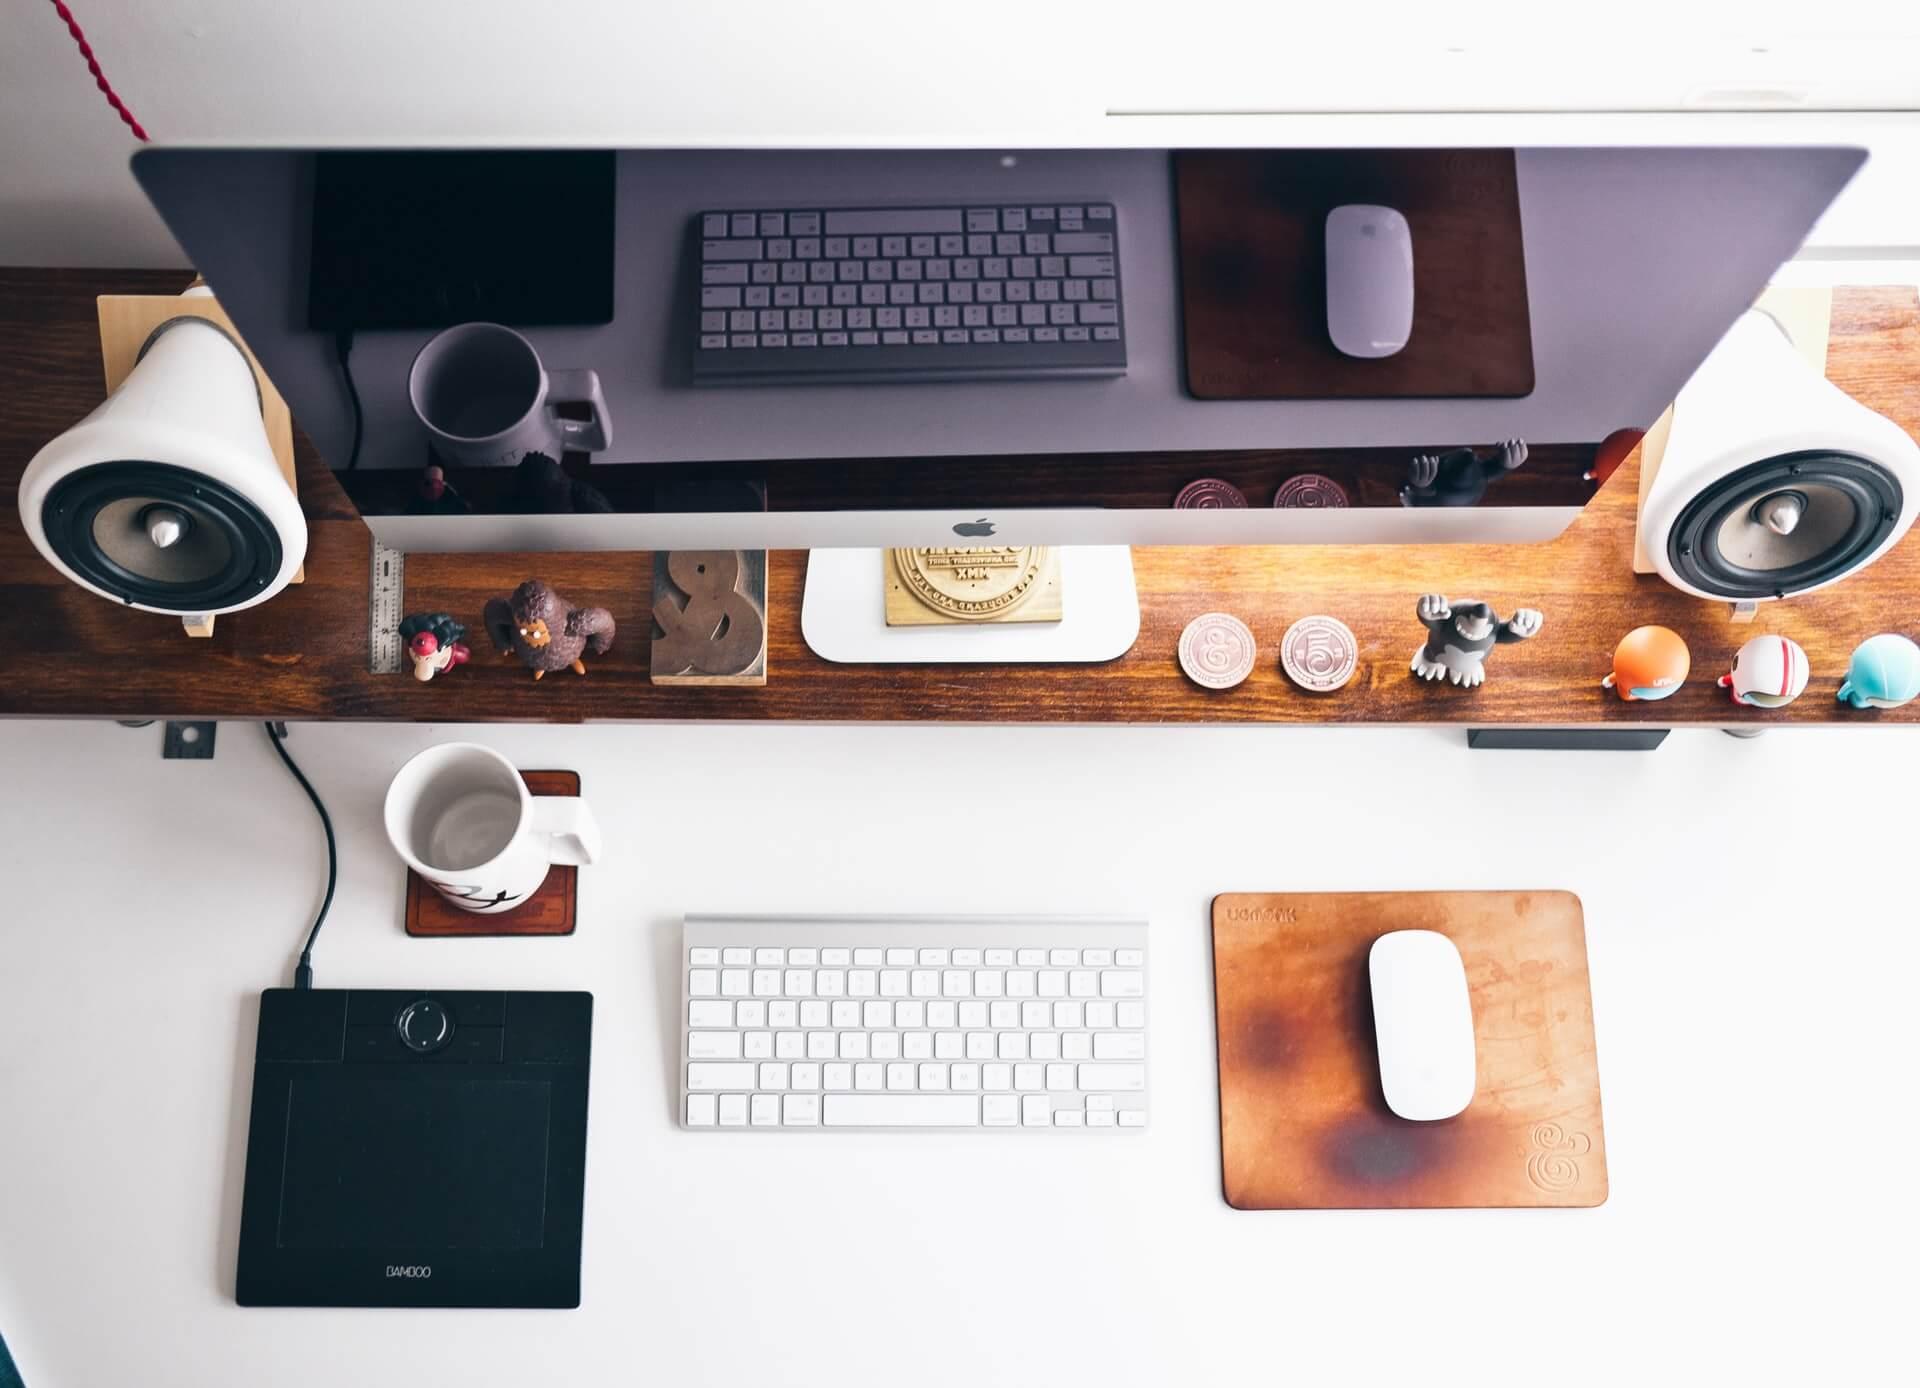 Онлайн бизнес: 15 идей интернет-бизнеса, актуальных в этом году